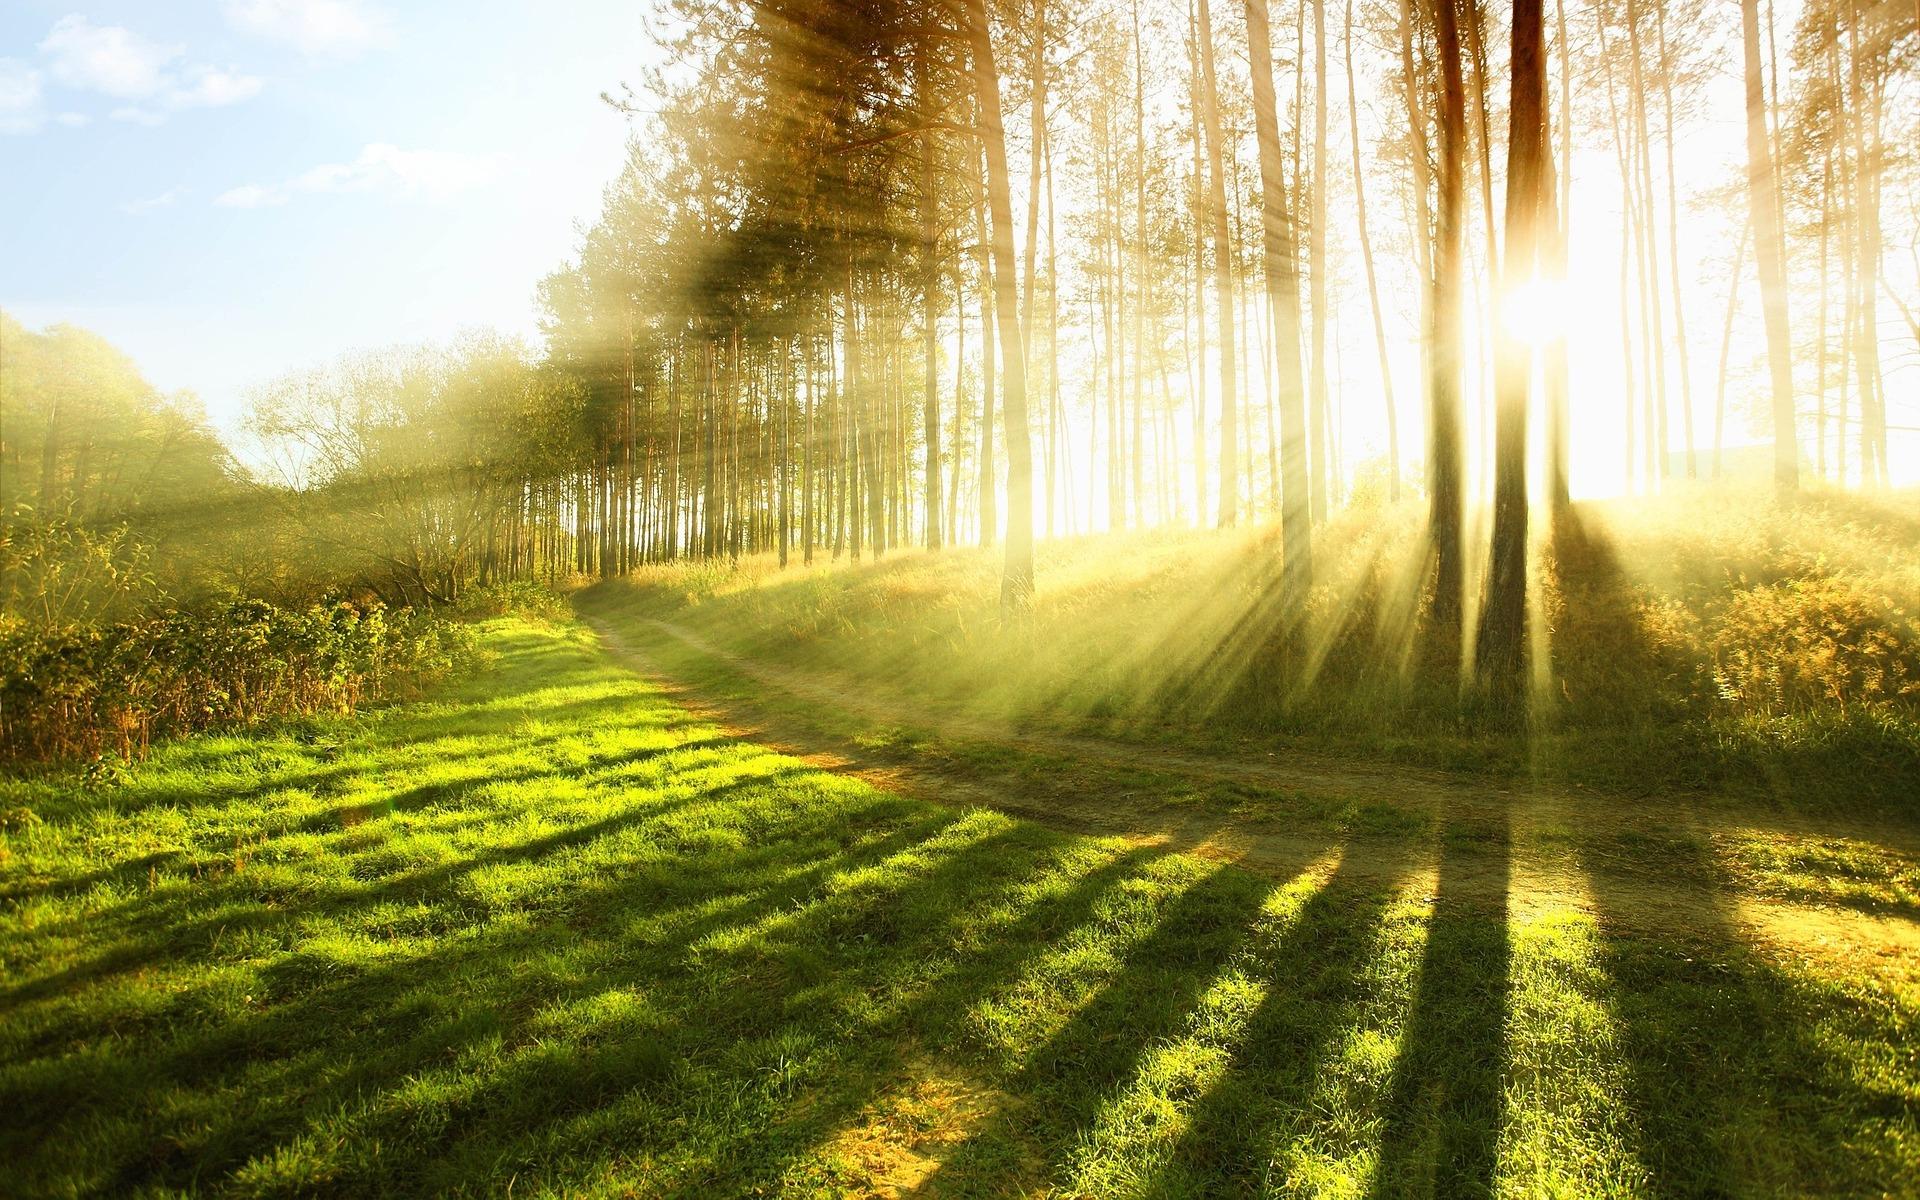 Sonnenstrahlen Wald Pixabay